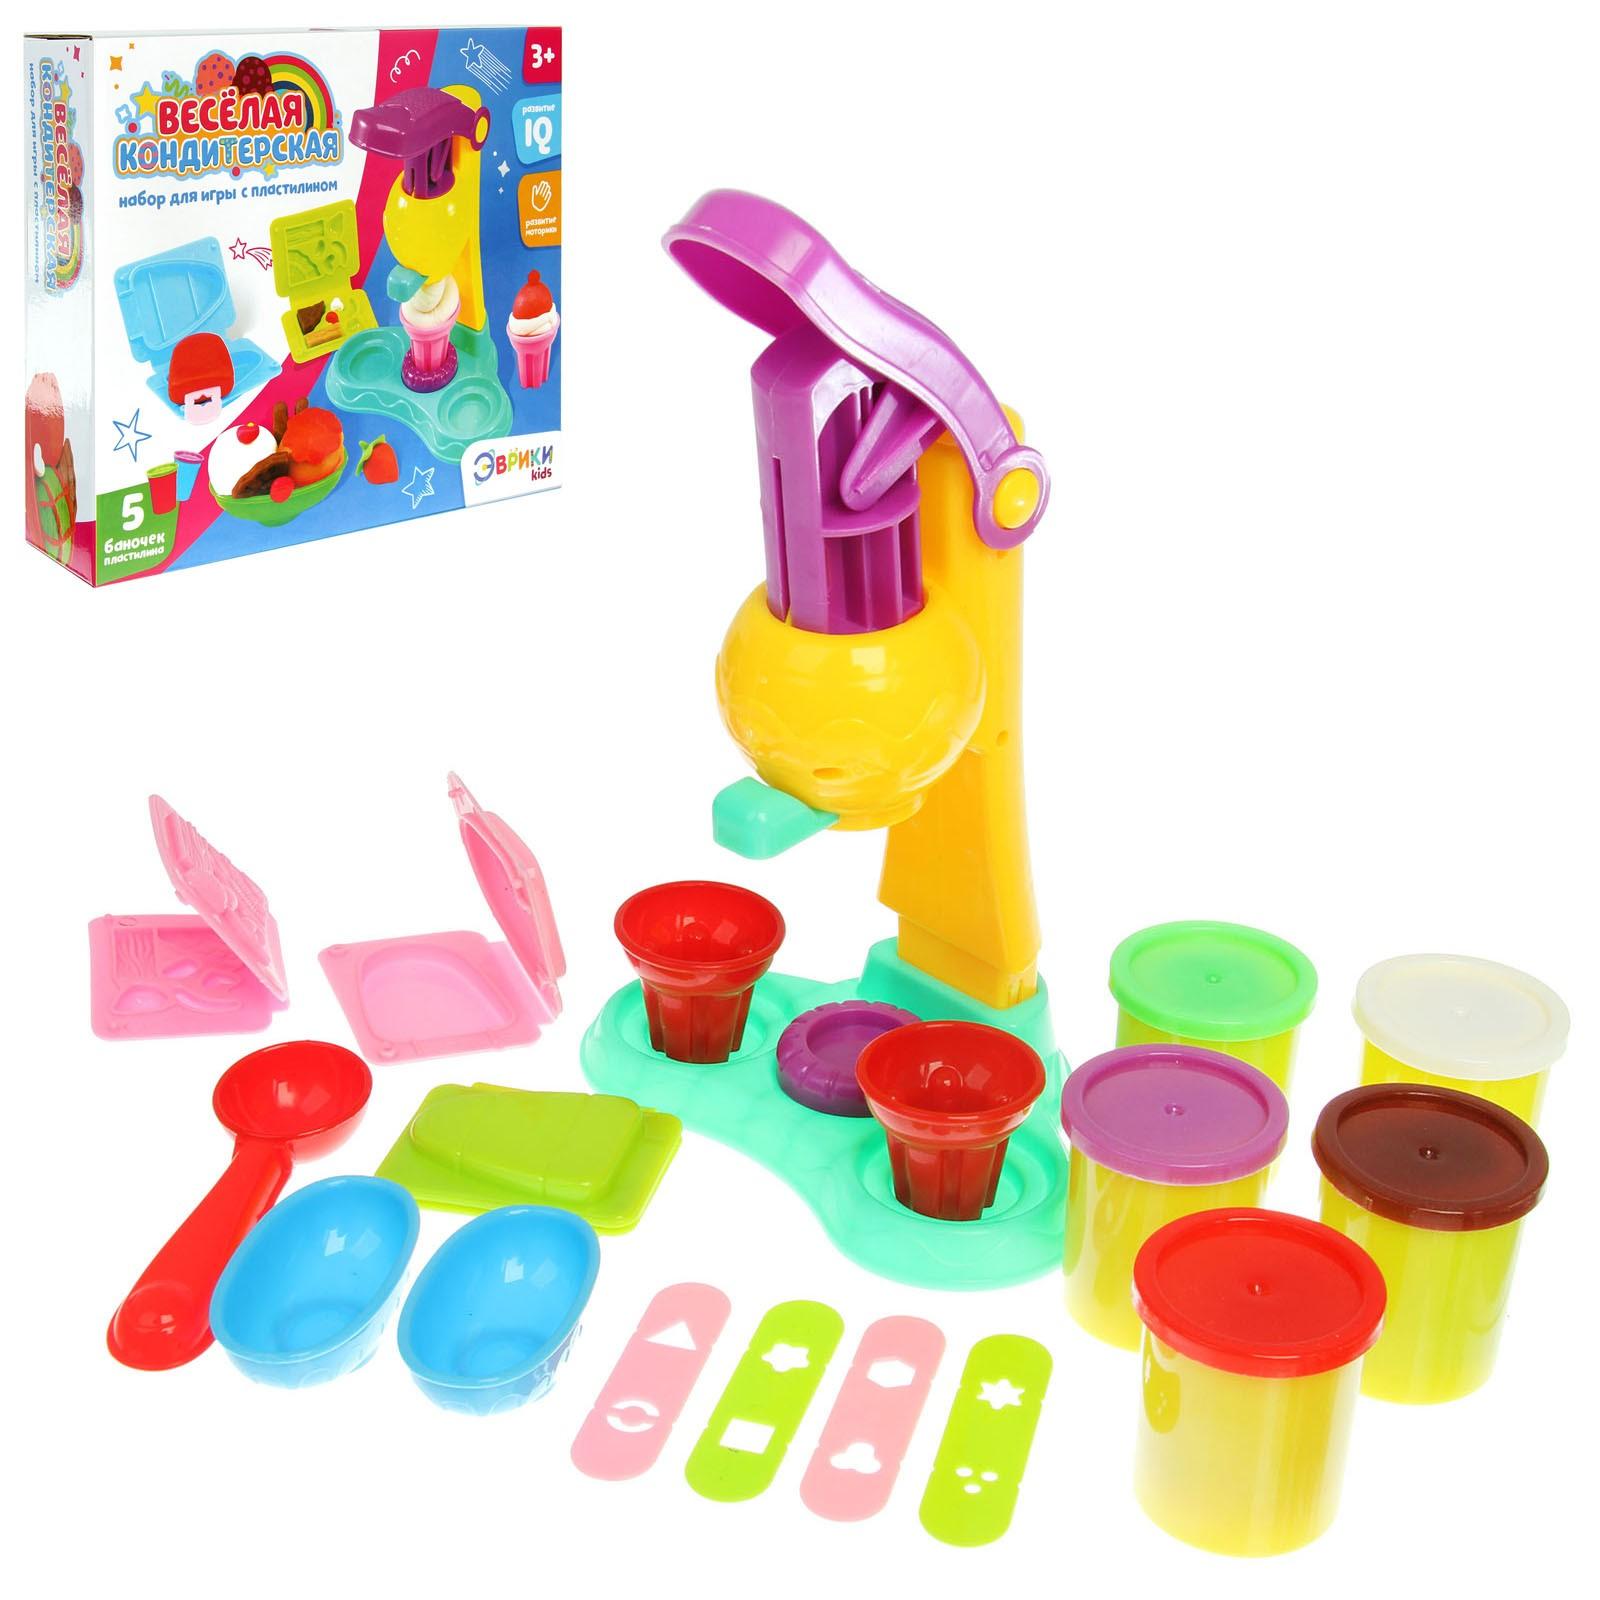 Набор для игры с пластилином «Весёлая кондитерская»